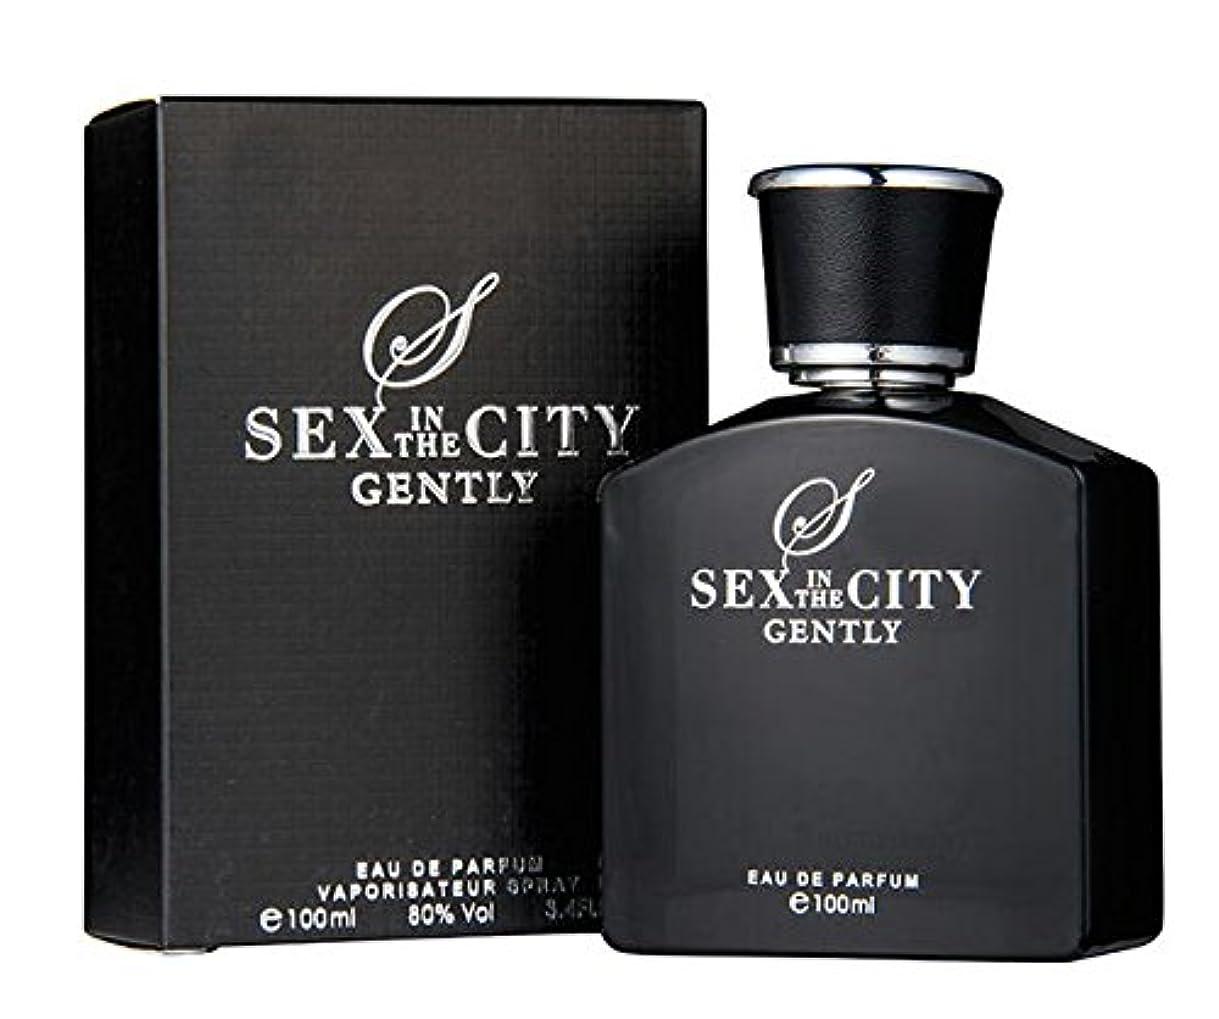 削るキャンドルサイト◆【SEX IN THE CITY】メンズ香水◆セックスインザシティ ジェントリー オードパルファムEDP 100ml◆